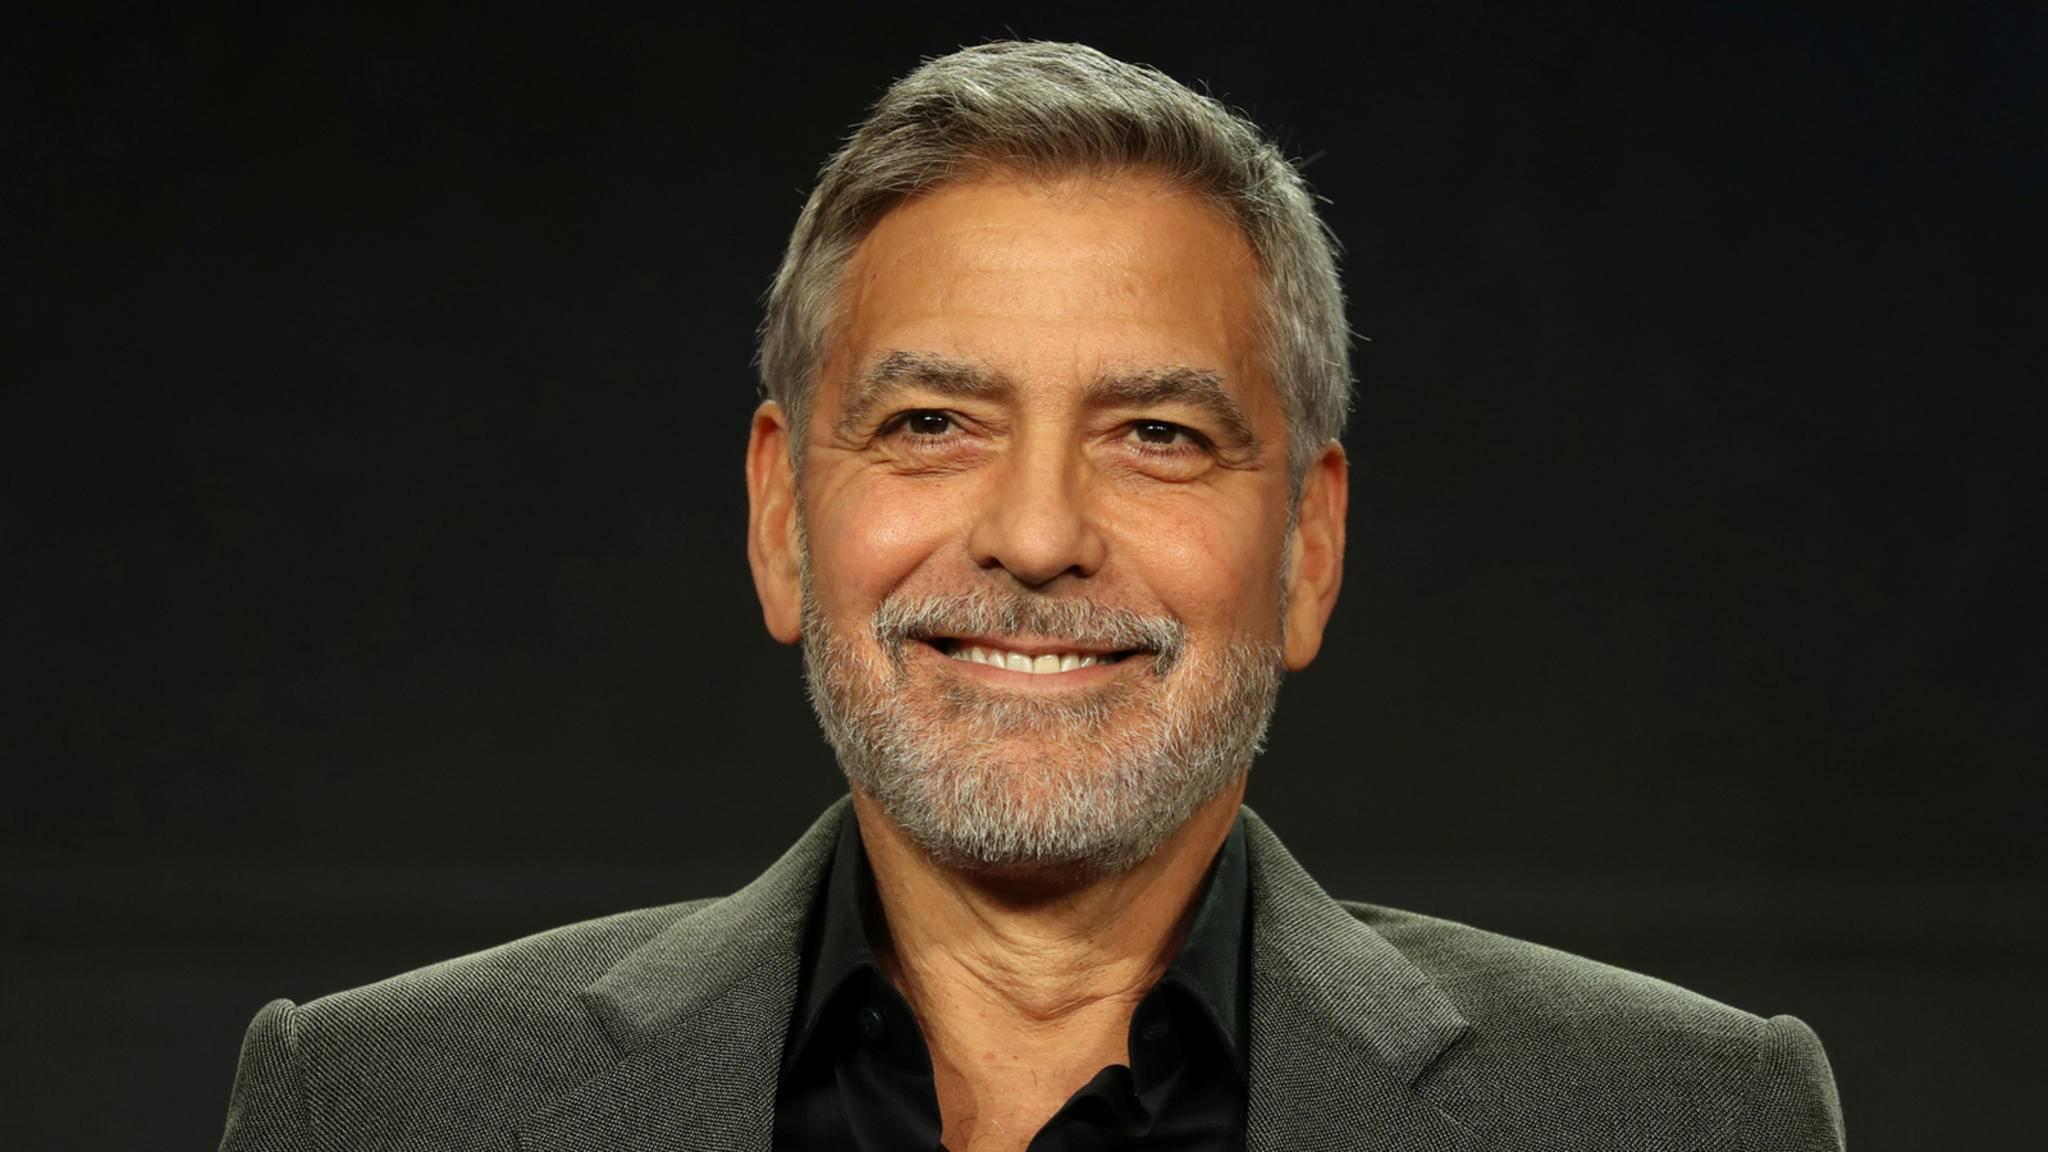 Schauspieler, Regisseur, Produzent, Drehbuchautor: George Clooney ist ein Alleskönner im Filmgeschäft.